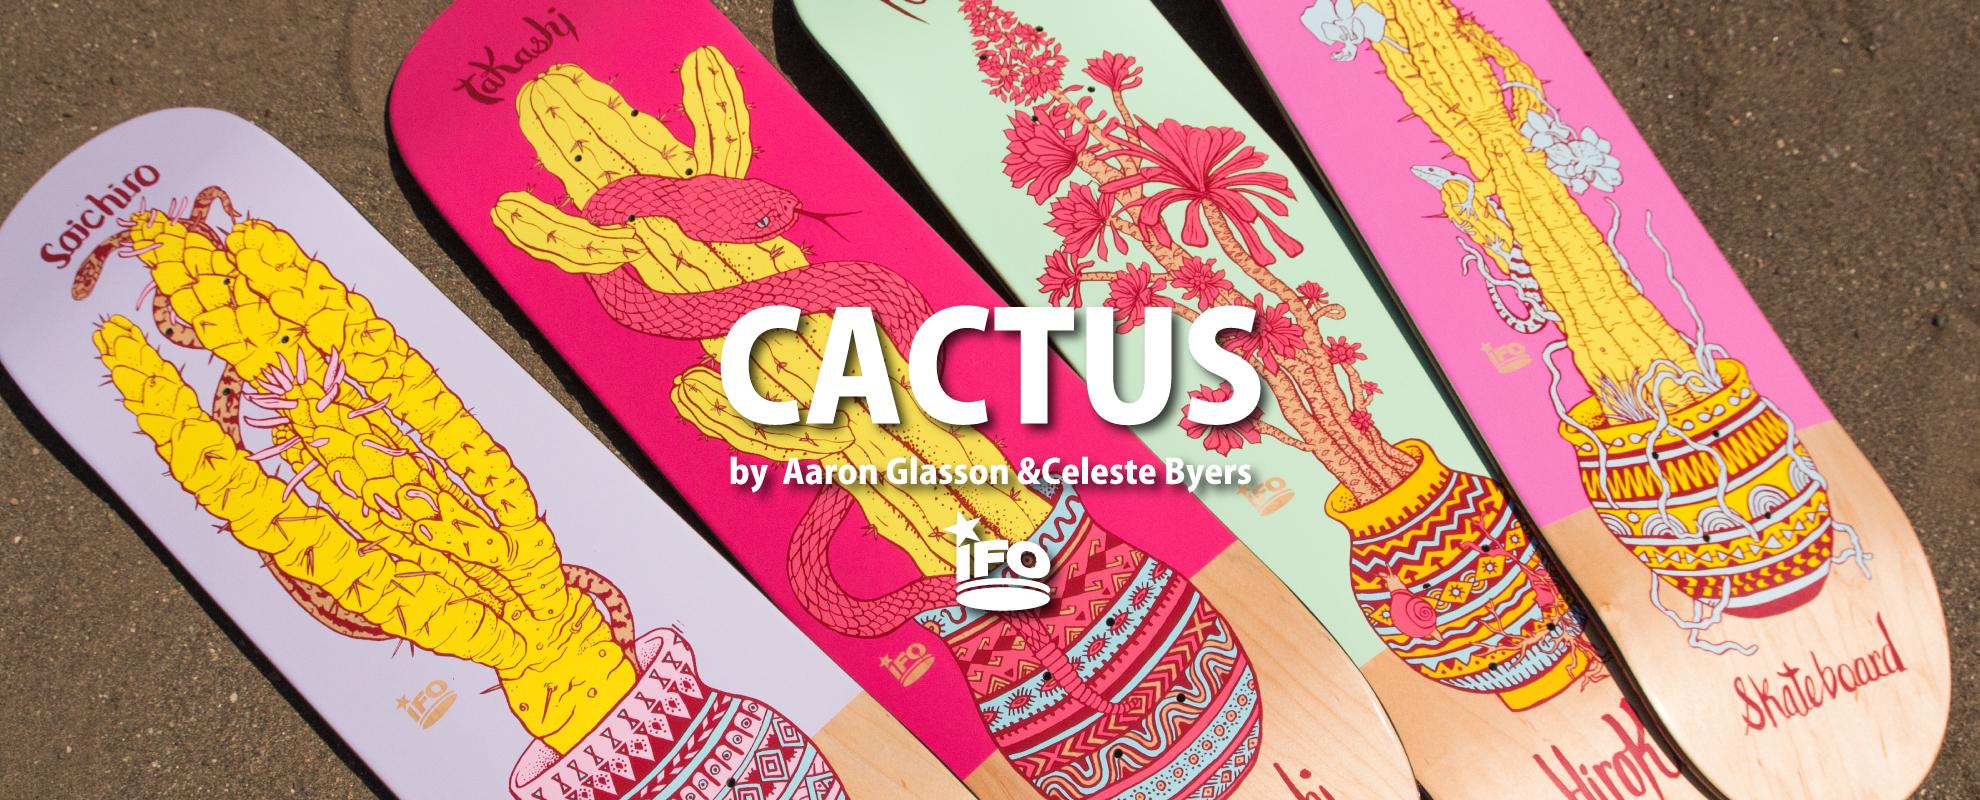 cactus_top_1980_800